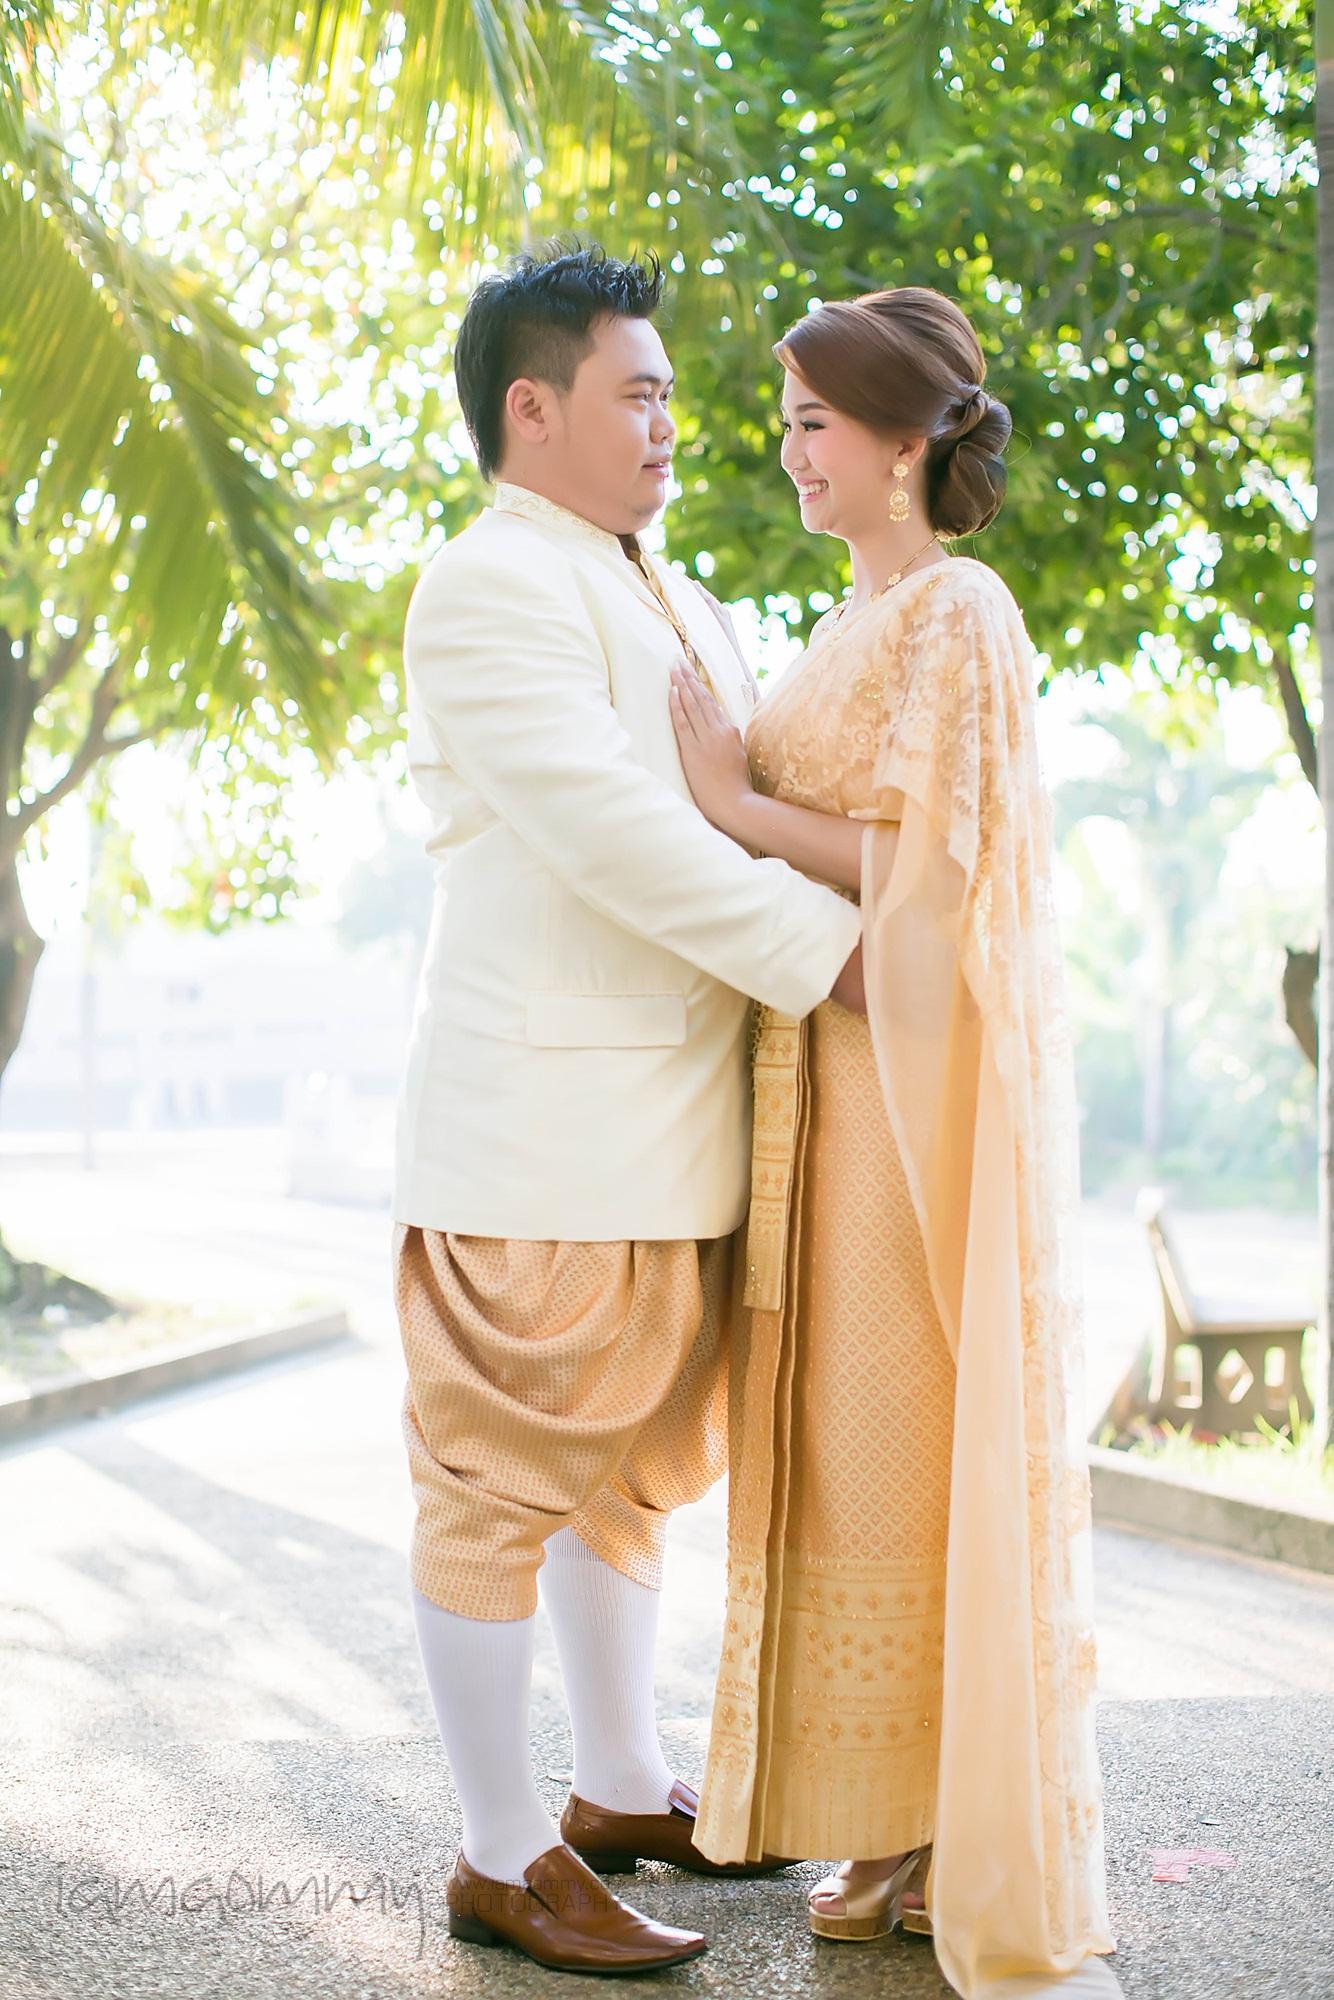 ถ่ายภาพแต่งงงาน_สมาคมชาวปักษ์ใต้_Elle&Nut_0031